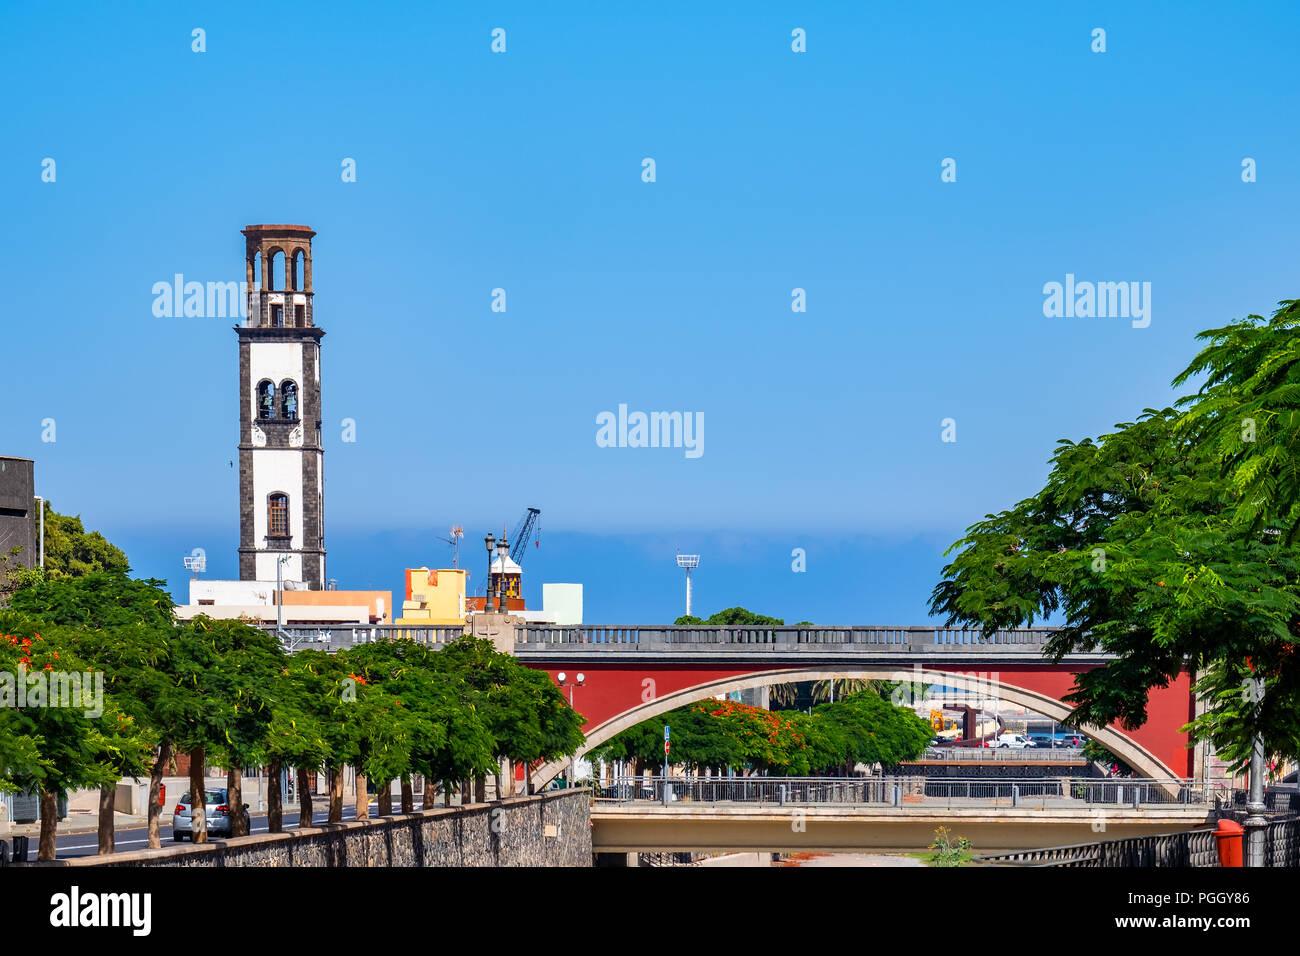 Hier ist der Rhône-Bereich mit Blick auf die Brücke) (Puente Serrador. Auch die Kirche Iglesia de la Concepción ist im Bild. Banque D'Images